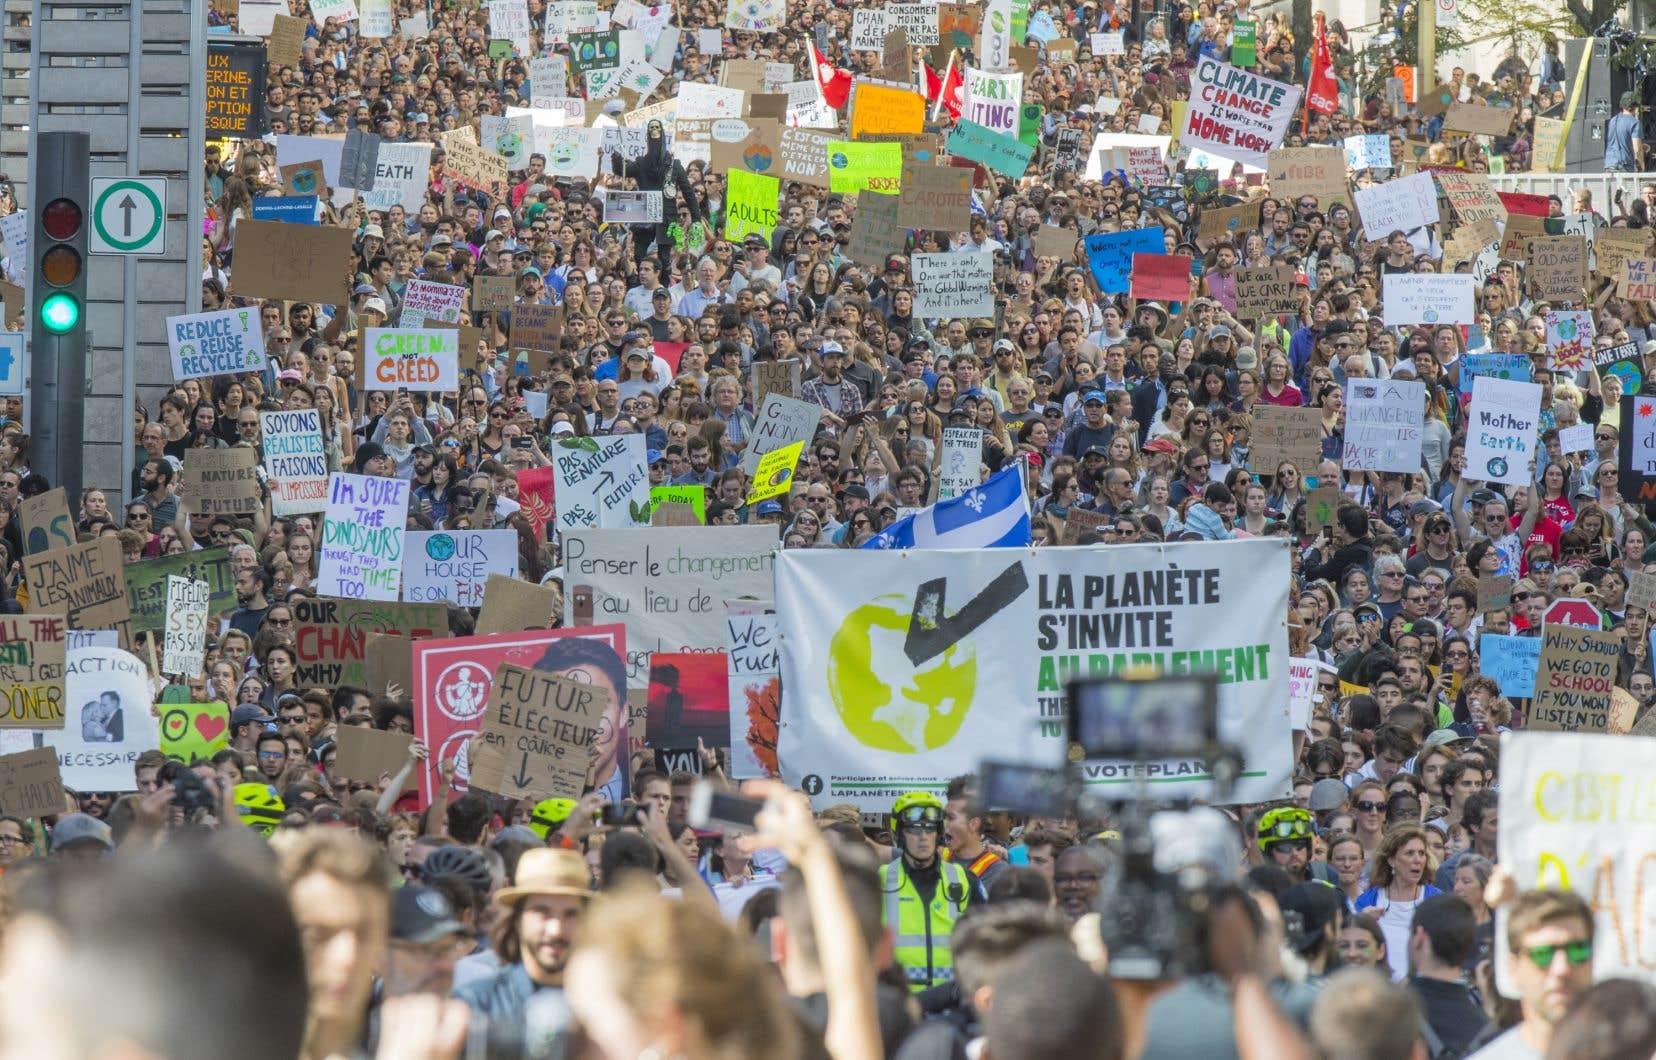 Le vendredi 27septembre 2019, une foule de près de 500000 manifestants avait battu le pavé montréalais pour réclamer aux gouvernements des actions concrètes pour le climat.